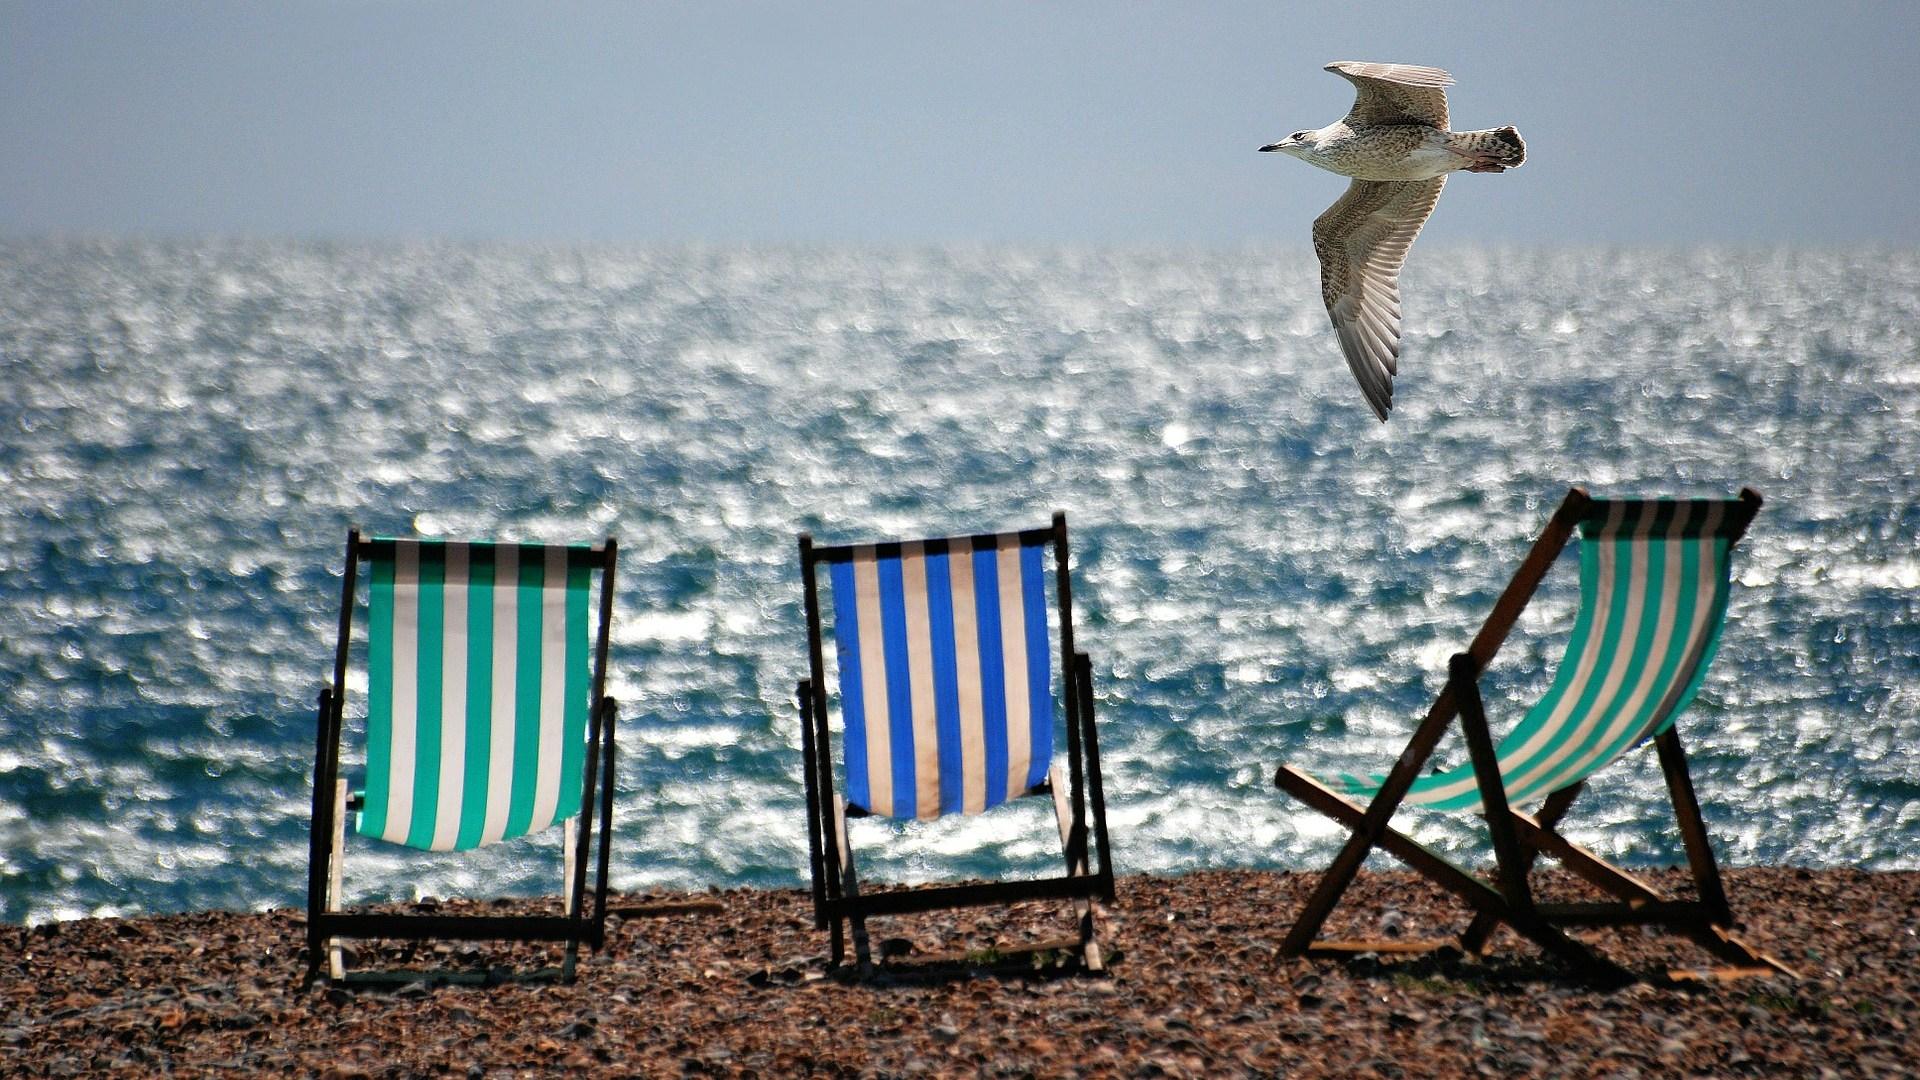 Con el programa de Turismo del Imserso, las personas mayores tienen la posibilidad de disfrutar, a precio reducido y en temporada baja, de estancias en zonas turísticas.